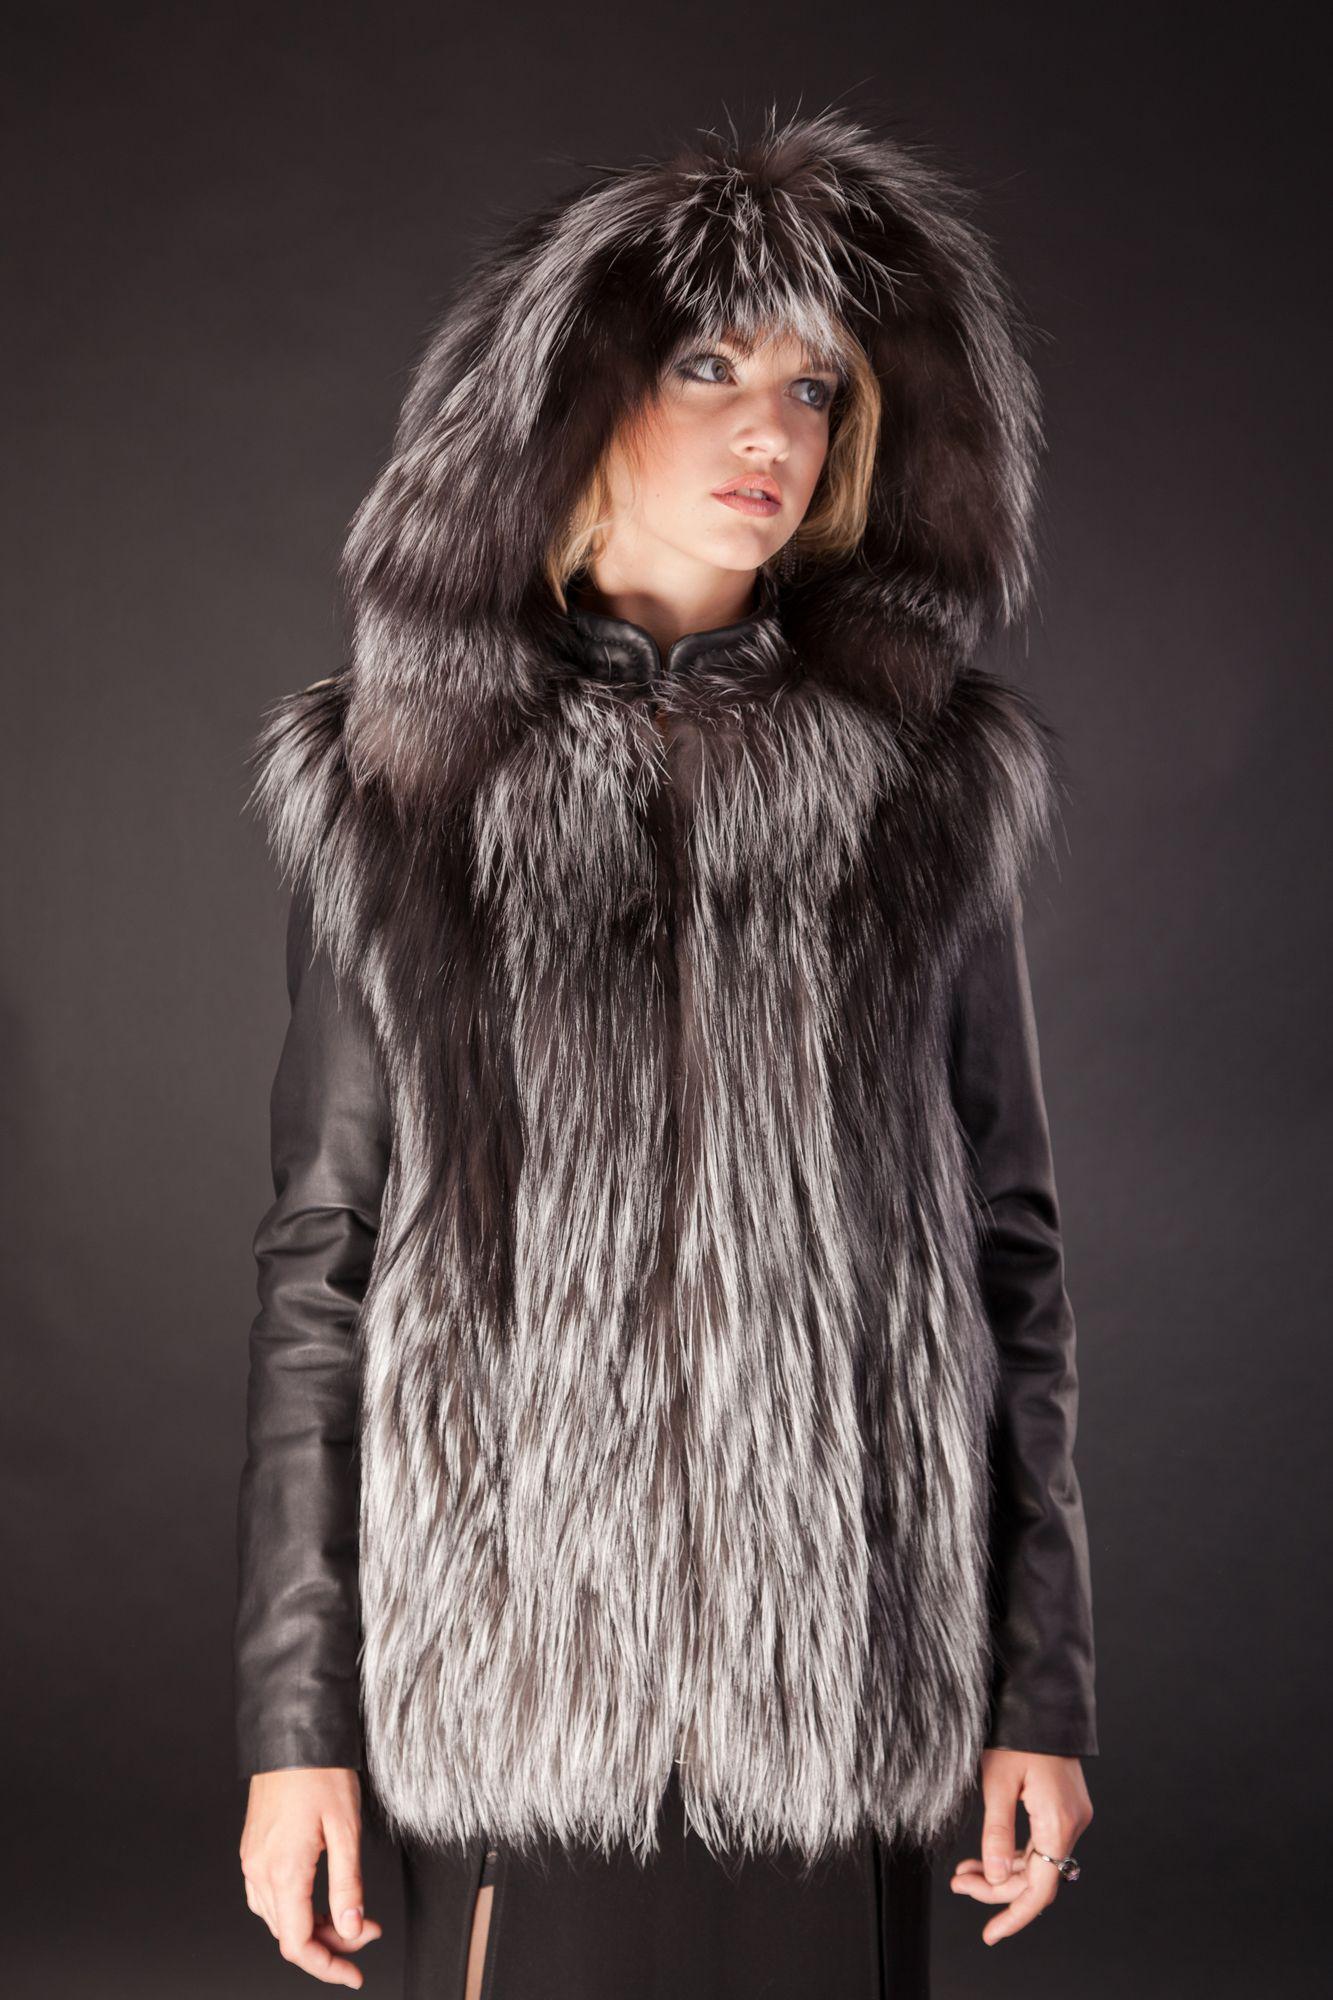 Куртка-жилет жилетка из чернобурки,съемный капюшон, цена - 10 450 грн, Днепропетровск, 1 фев 2014 17:50, б.у., объявление, продам, куплю.